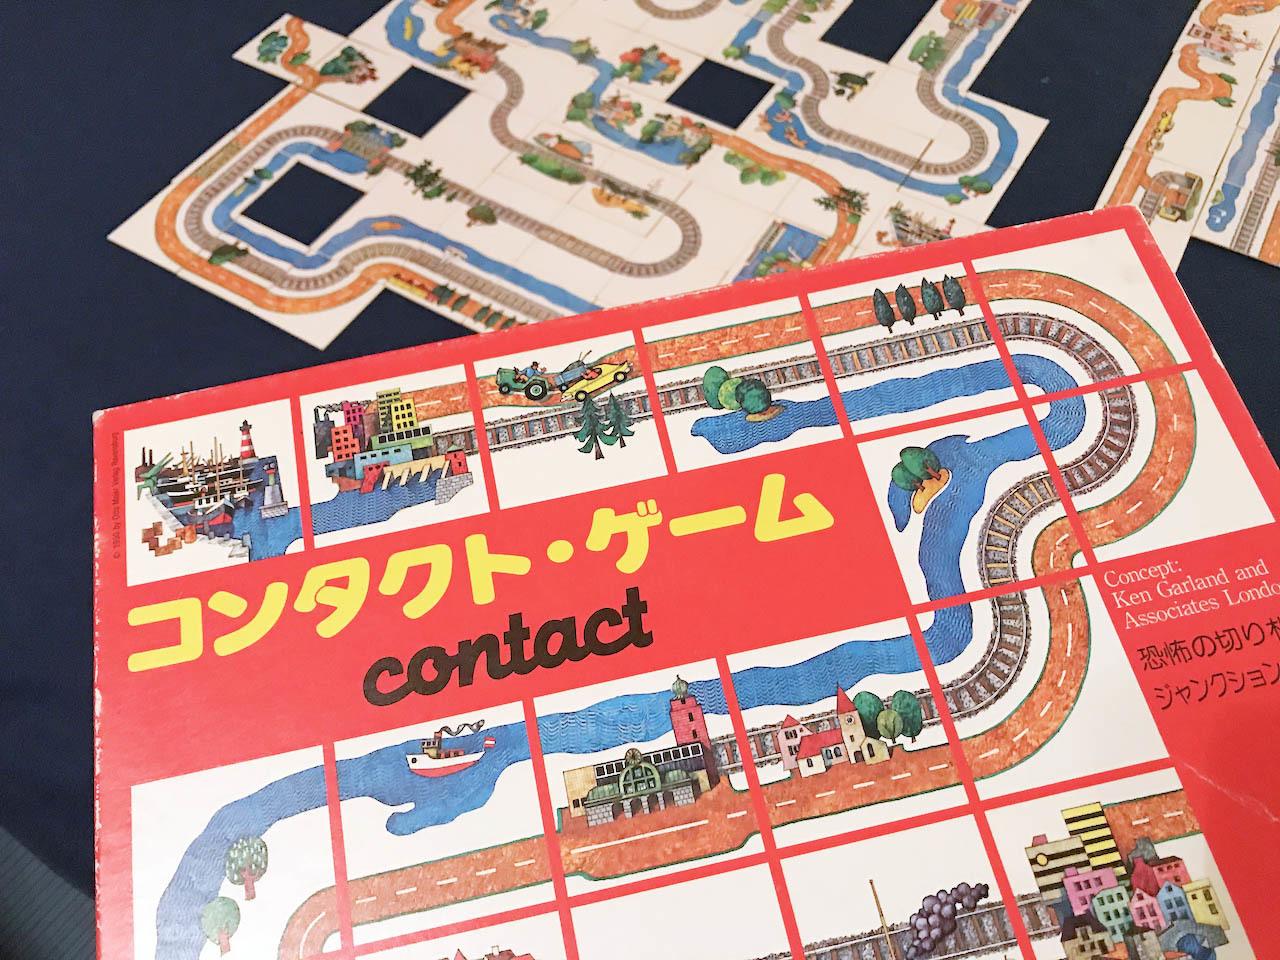 コンタクト・ゲームとタイポグラフィのつながり_e0175918_14414610.jpg